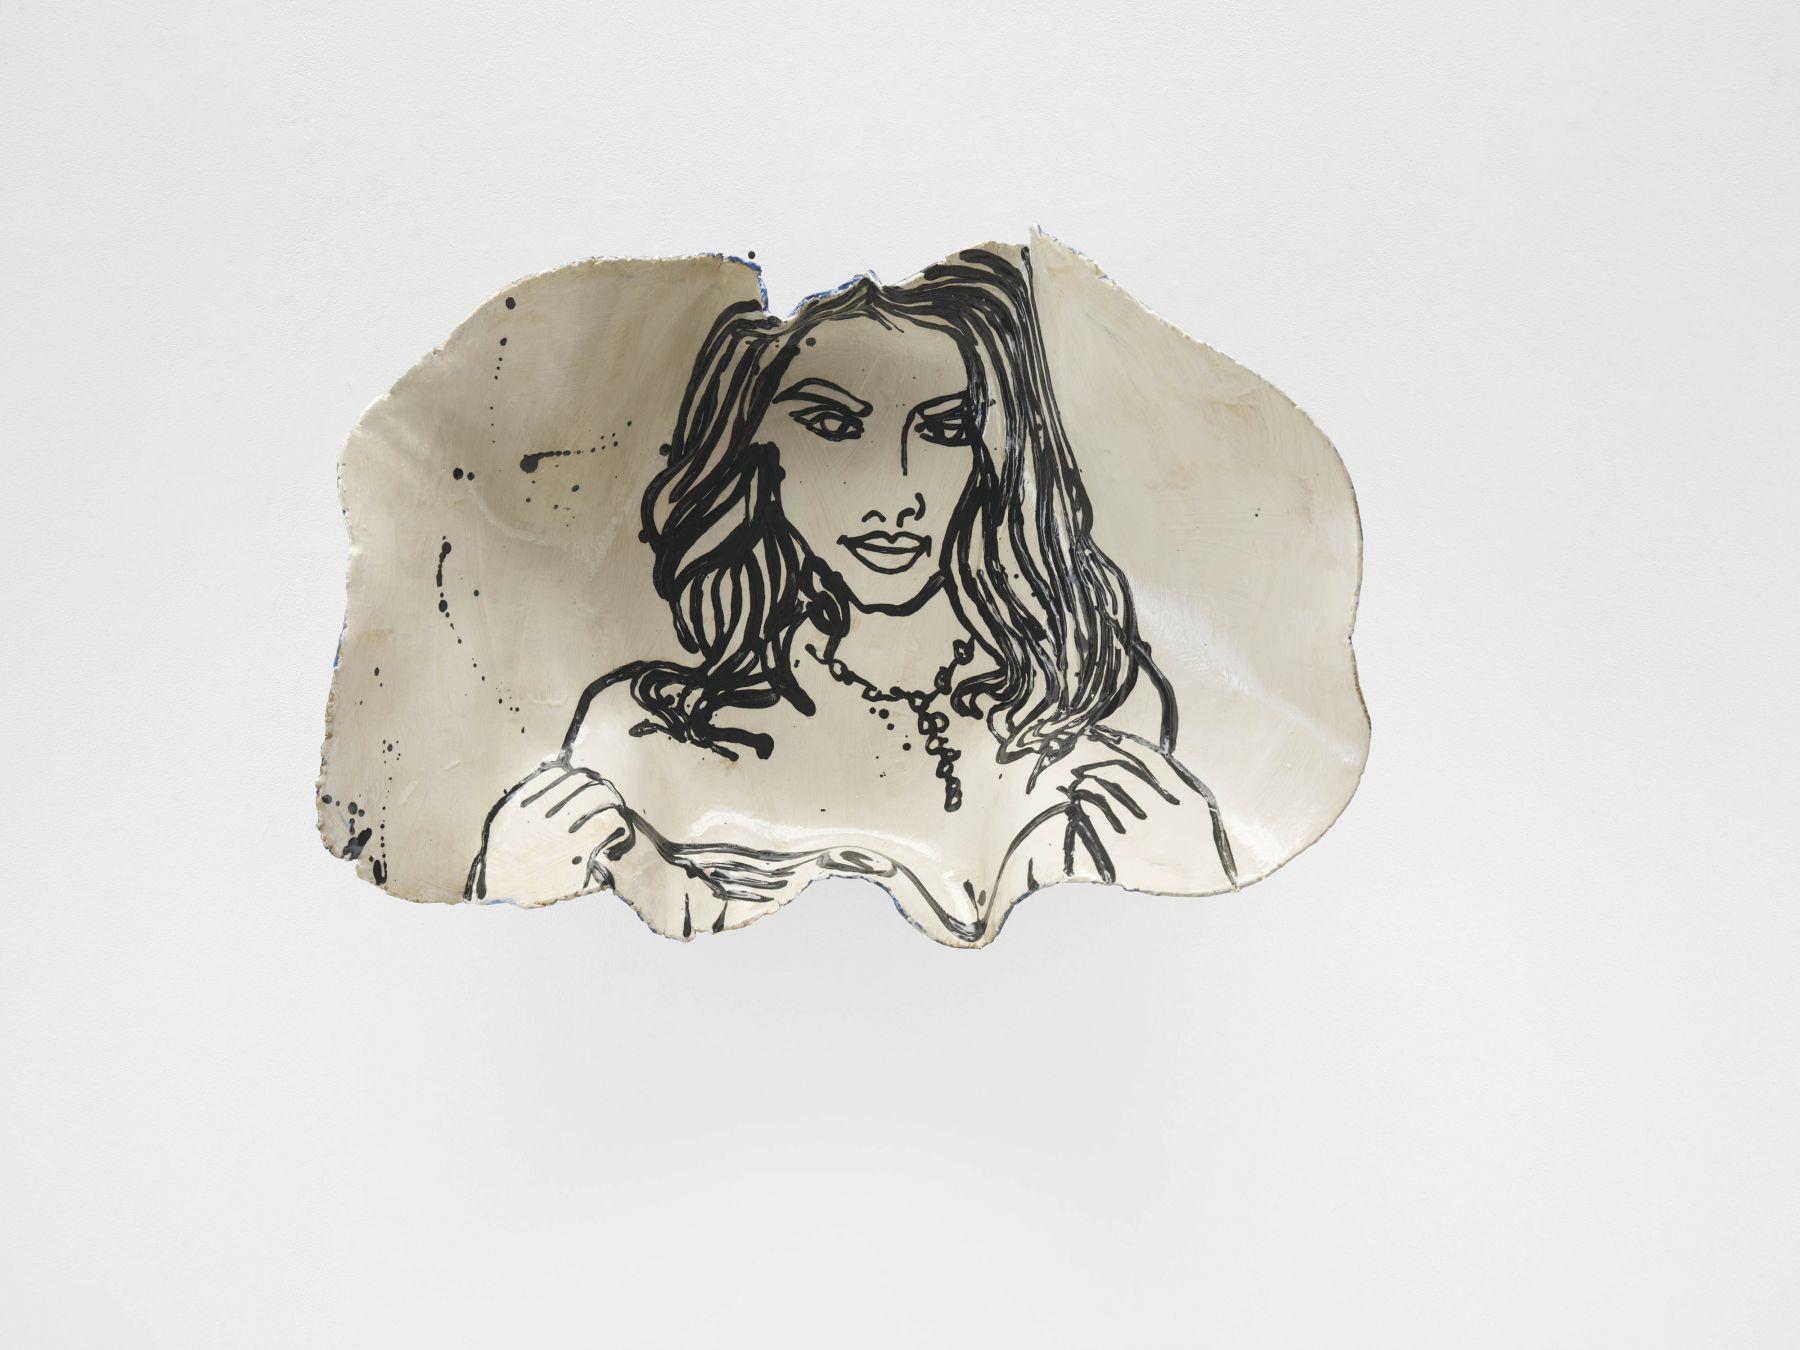 Gypsy girl artwork